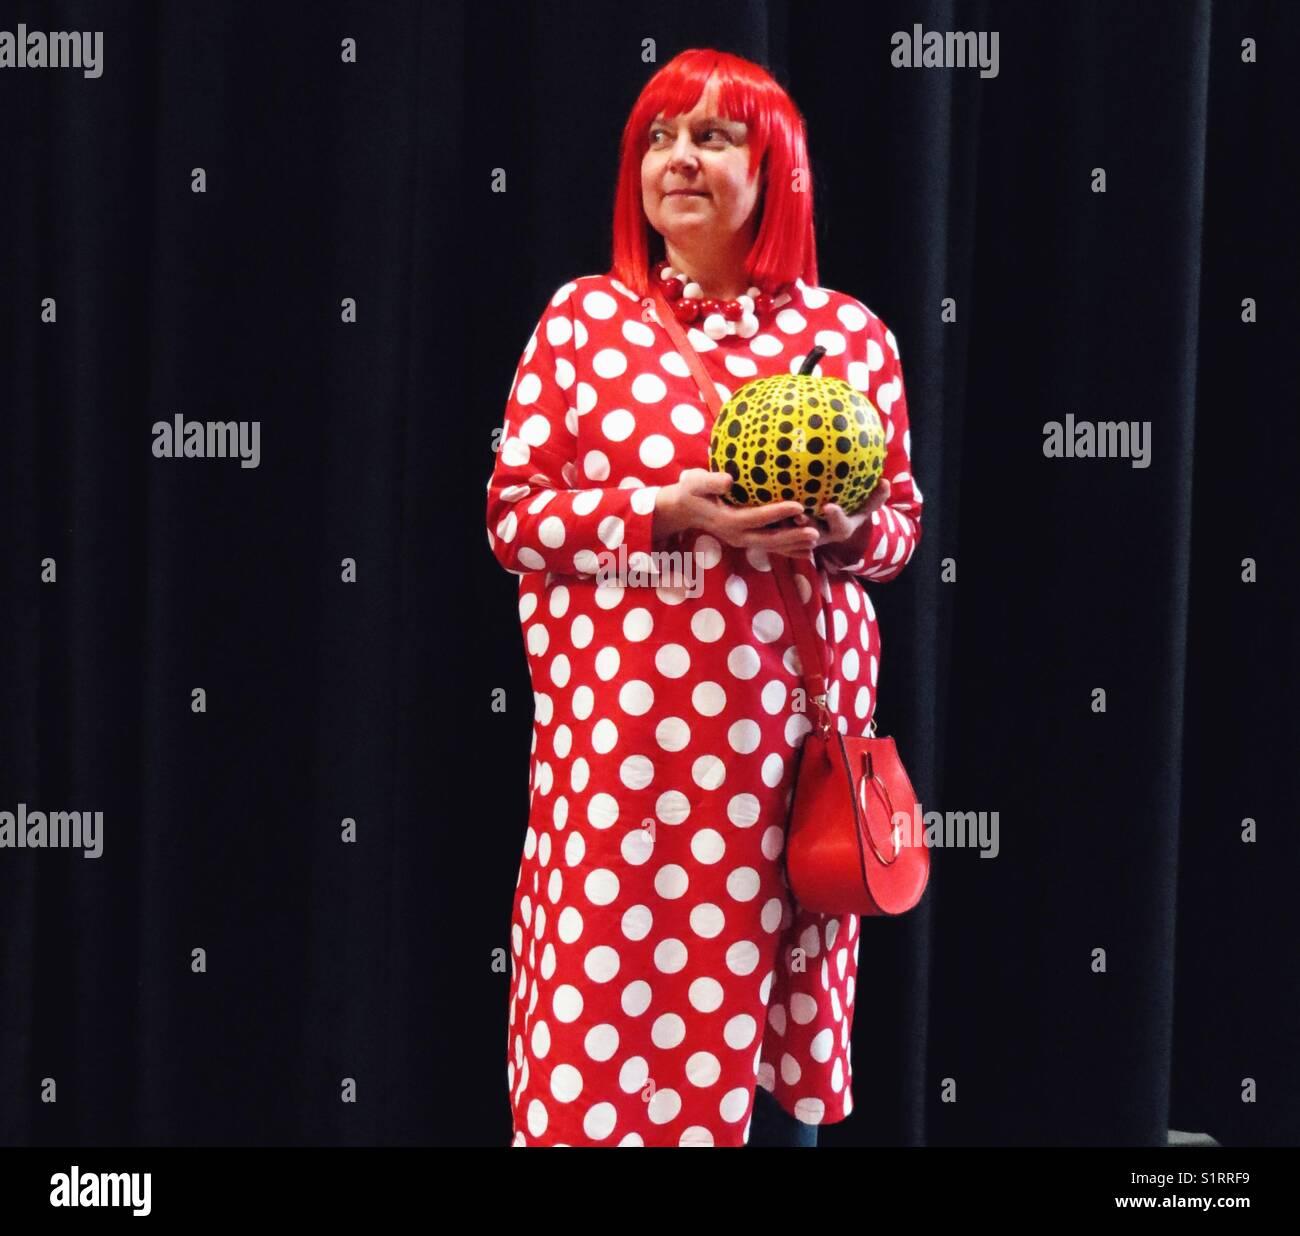 Kaukasische Frau mittleren Alters der japanischen Künstlerin Yayoi Kusama Holding gepunktete Kürbis für Stockbild